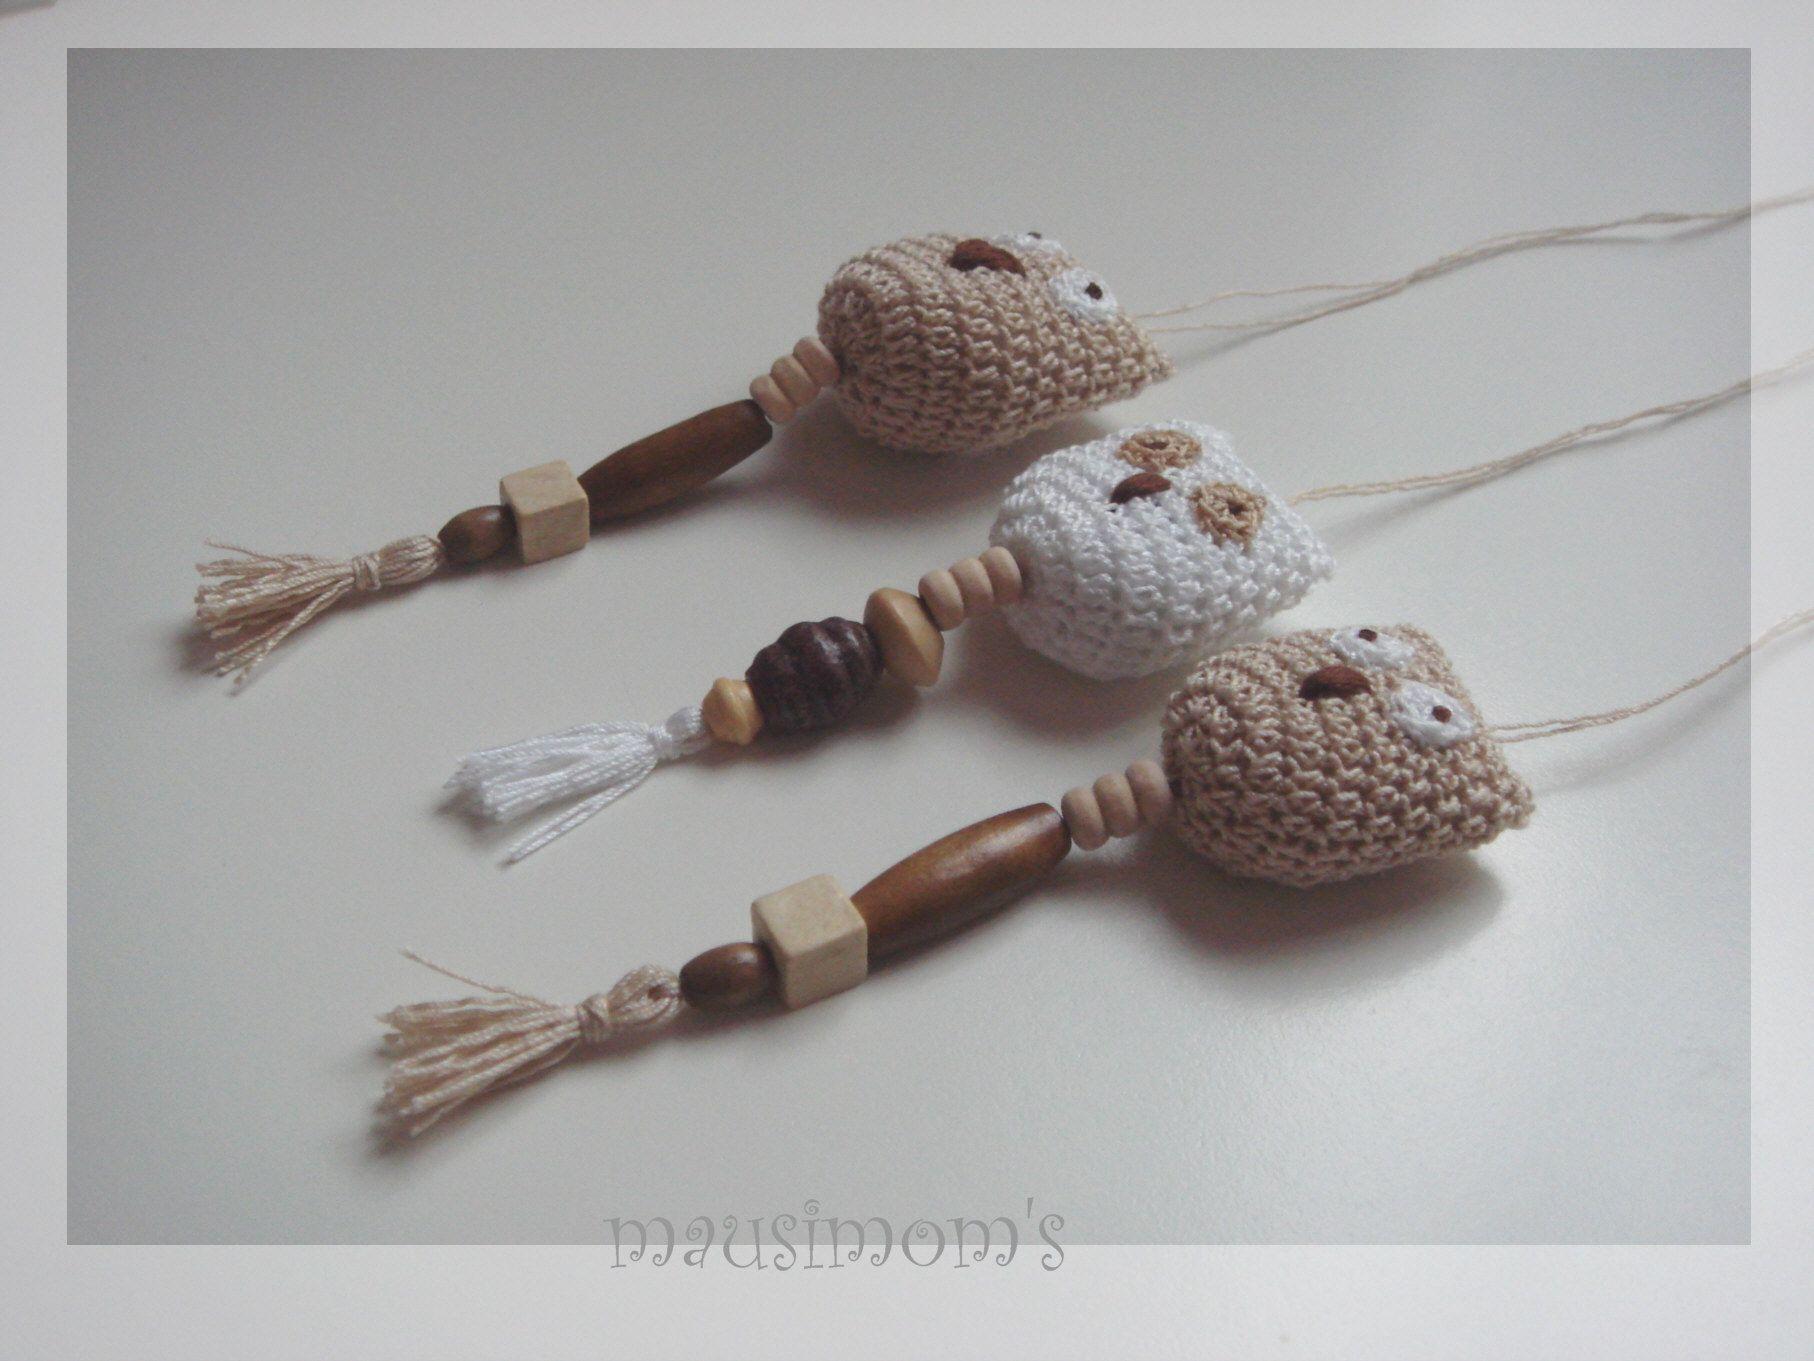 Pin von Hildt auf Crochet Keychain Animals   Pinterest   Häkeln ...